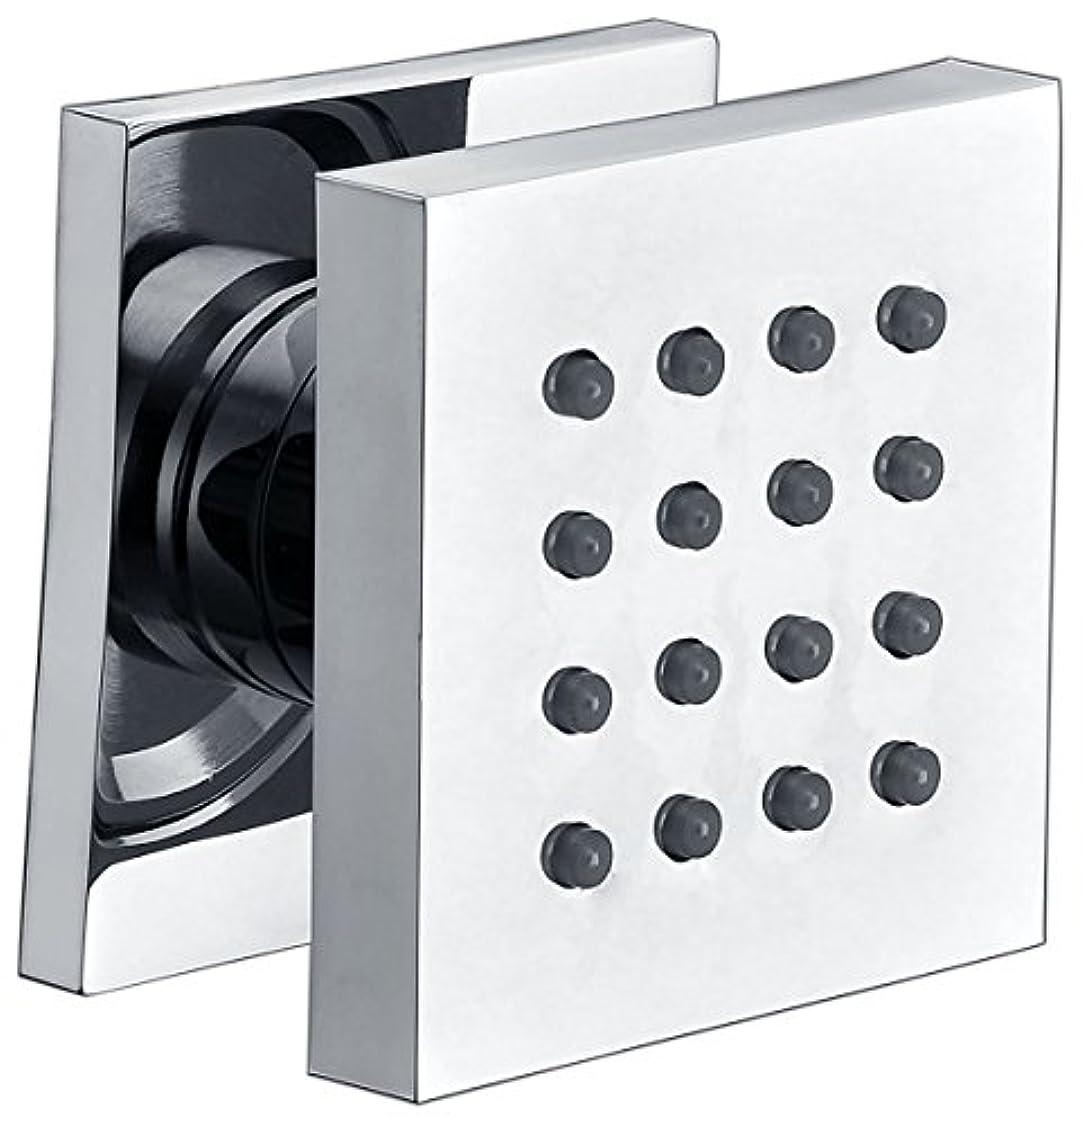 オーナーパリティレインコートAlfiブランドab4501モダン正方形調整可能シャワーボディスプレー AB4501-PC 1